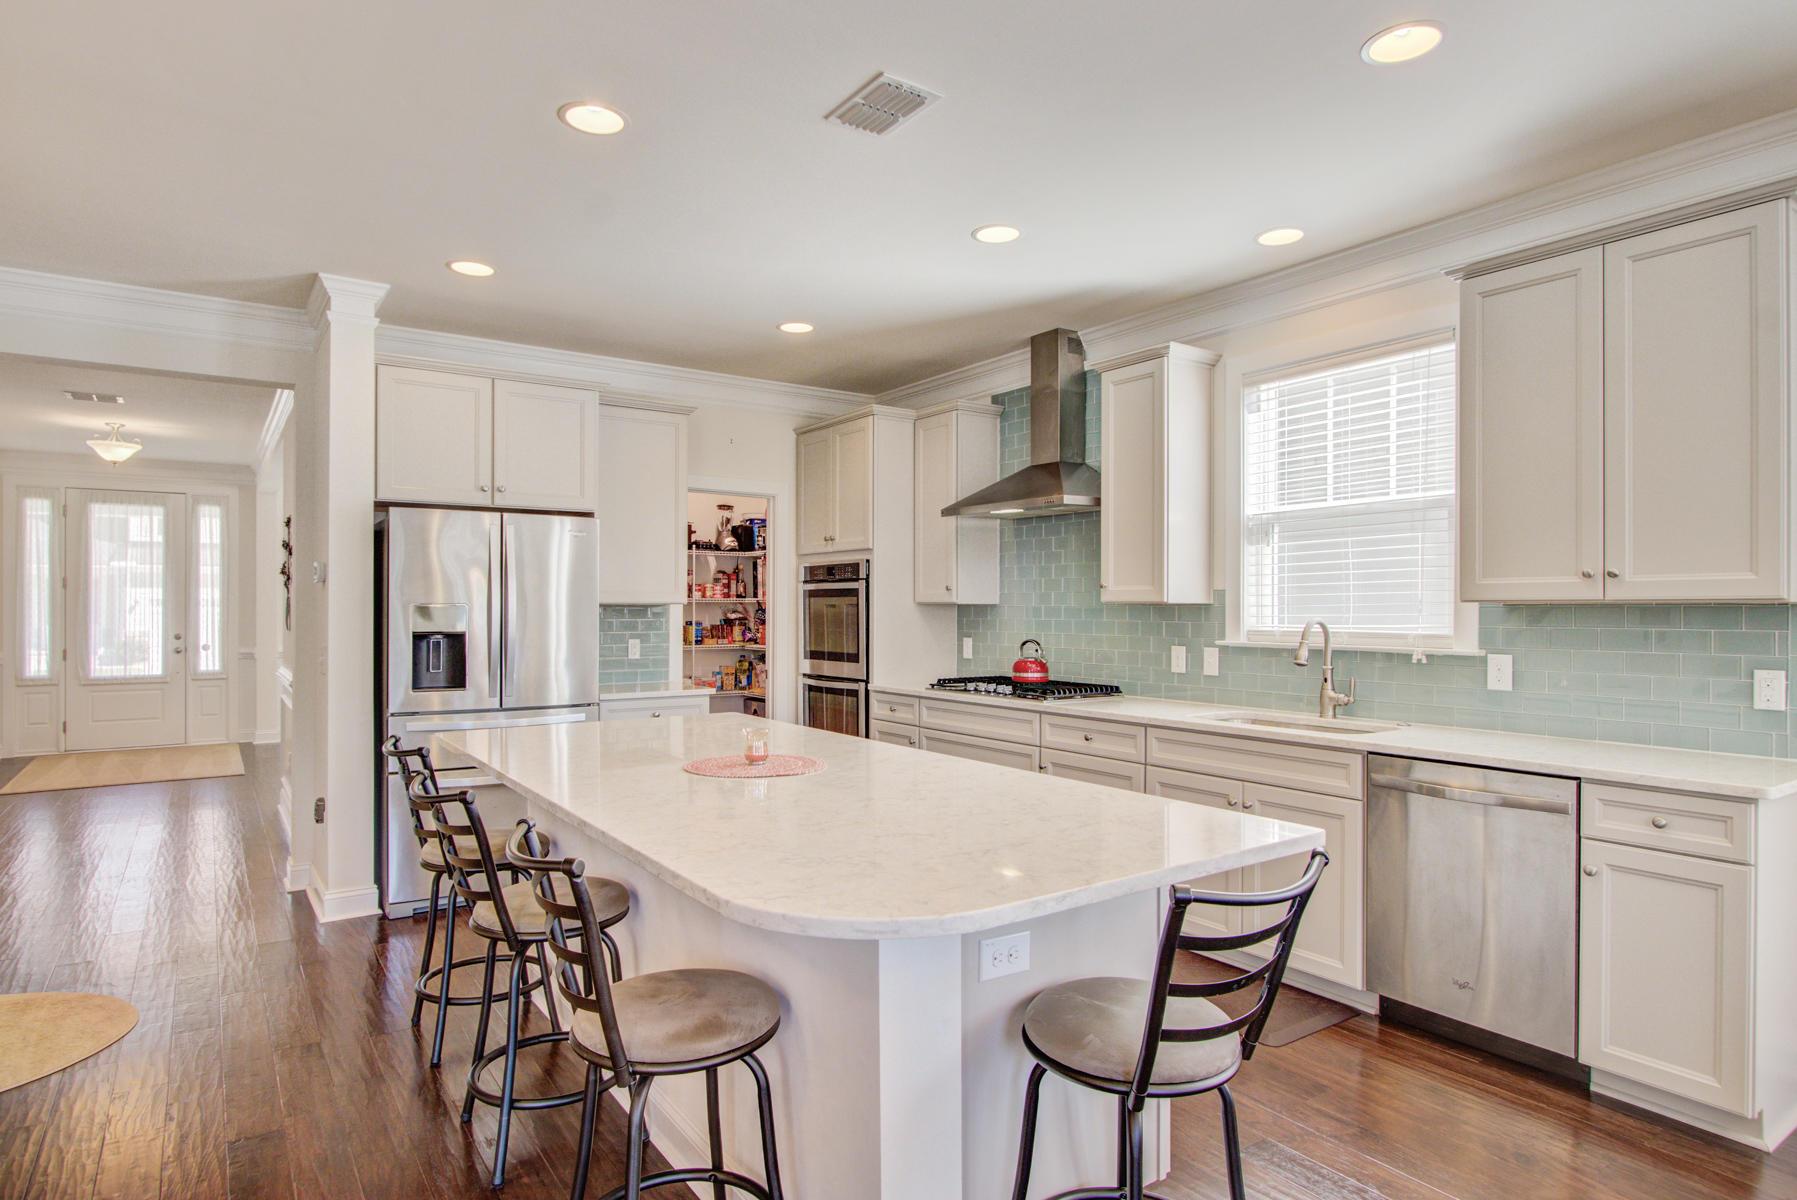 Magnolia Village Homes For Sale - 1309 Enfield, Mount Pleasant, SC - 16